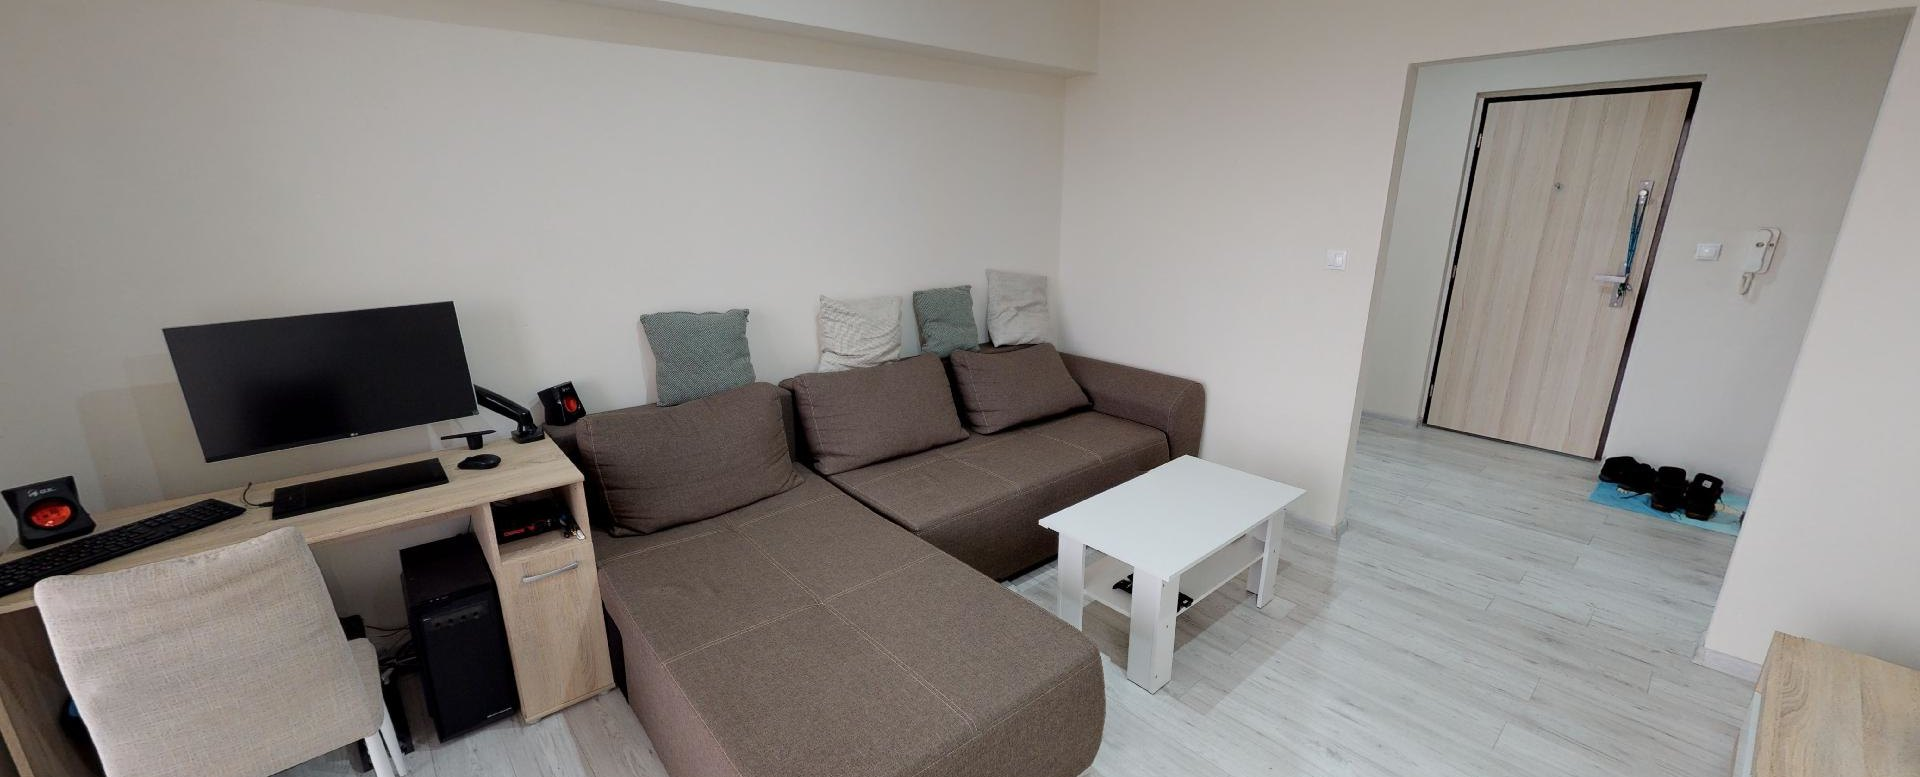 Obývacia izba s pracovným stolom a sedačkou v 2-izbovom byte na bulvári v Žiline